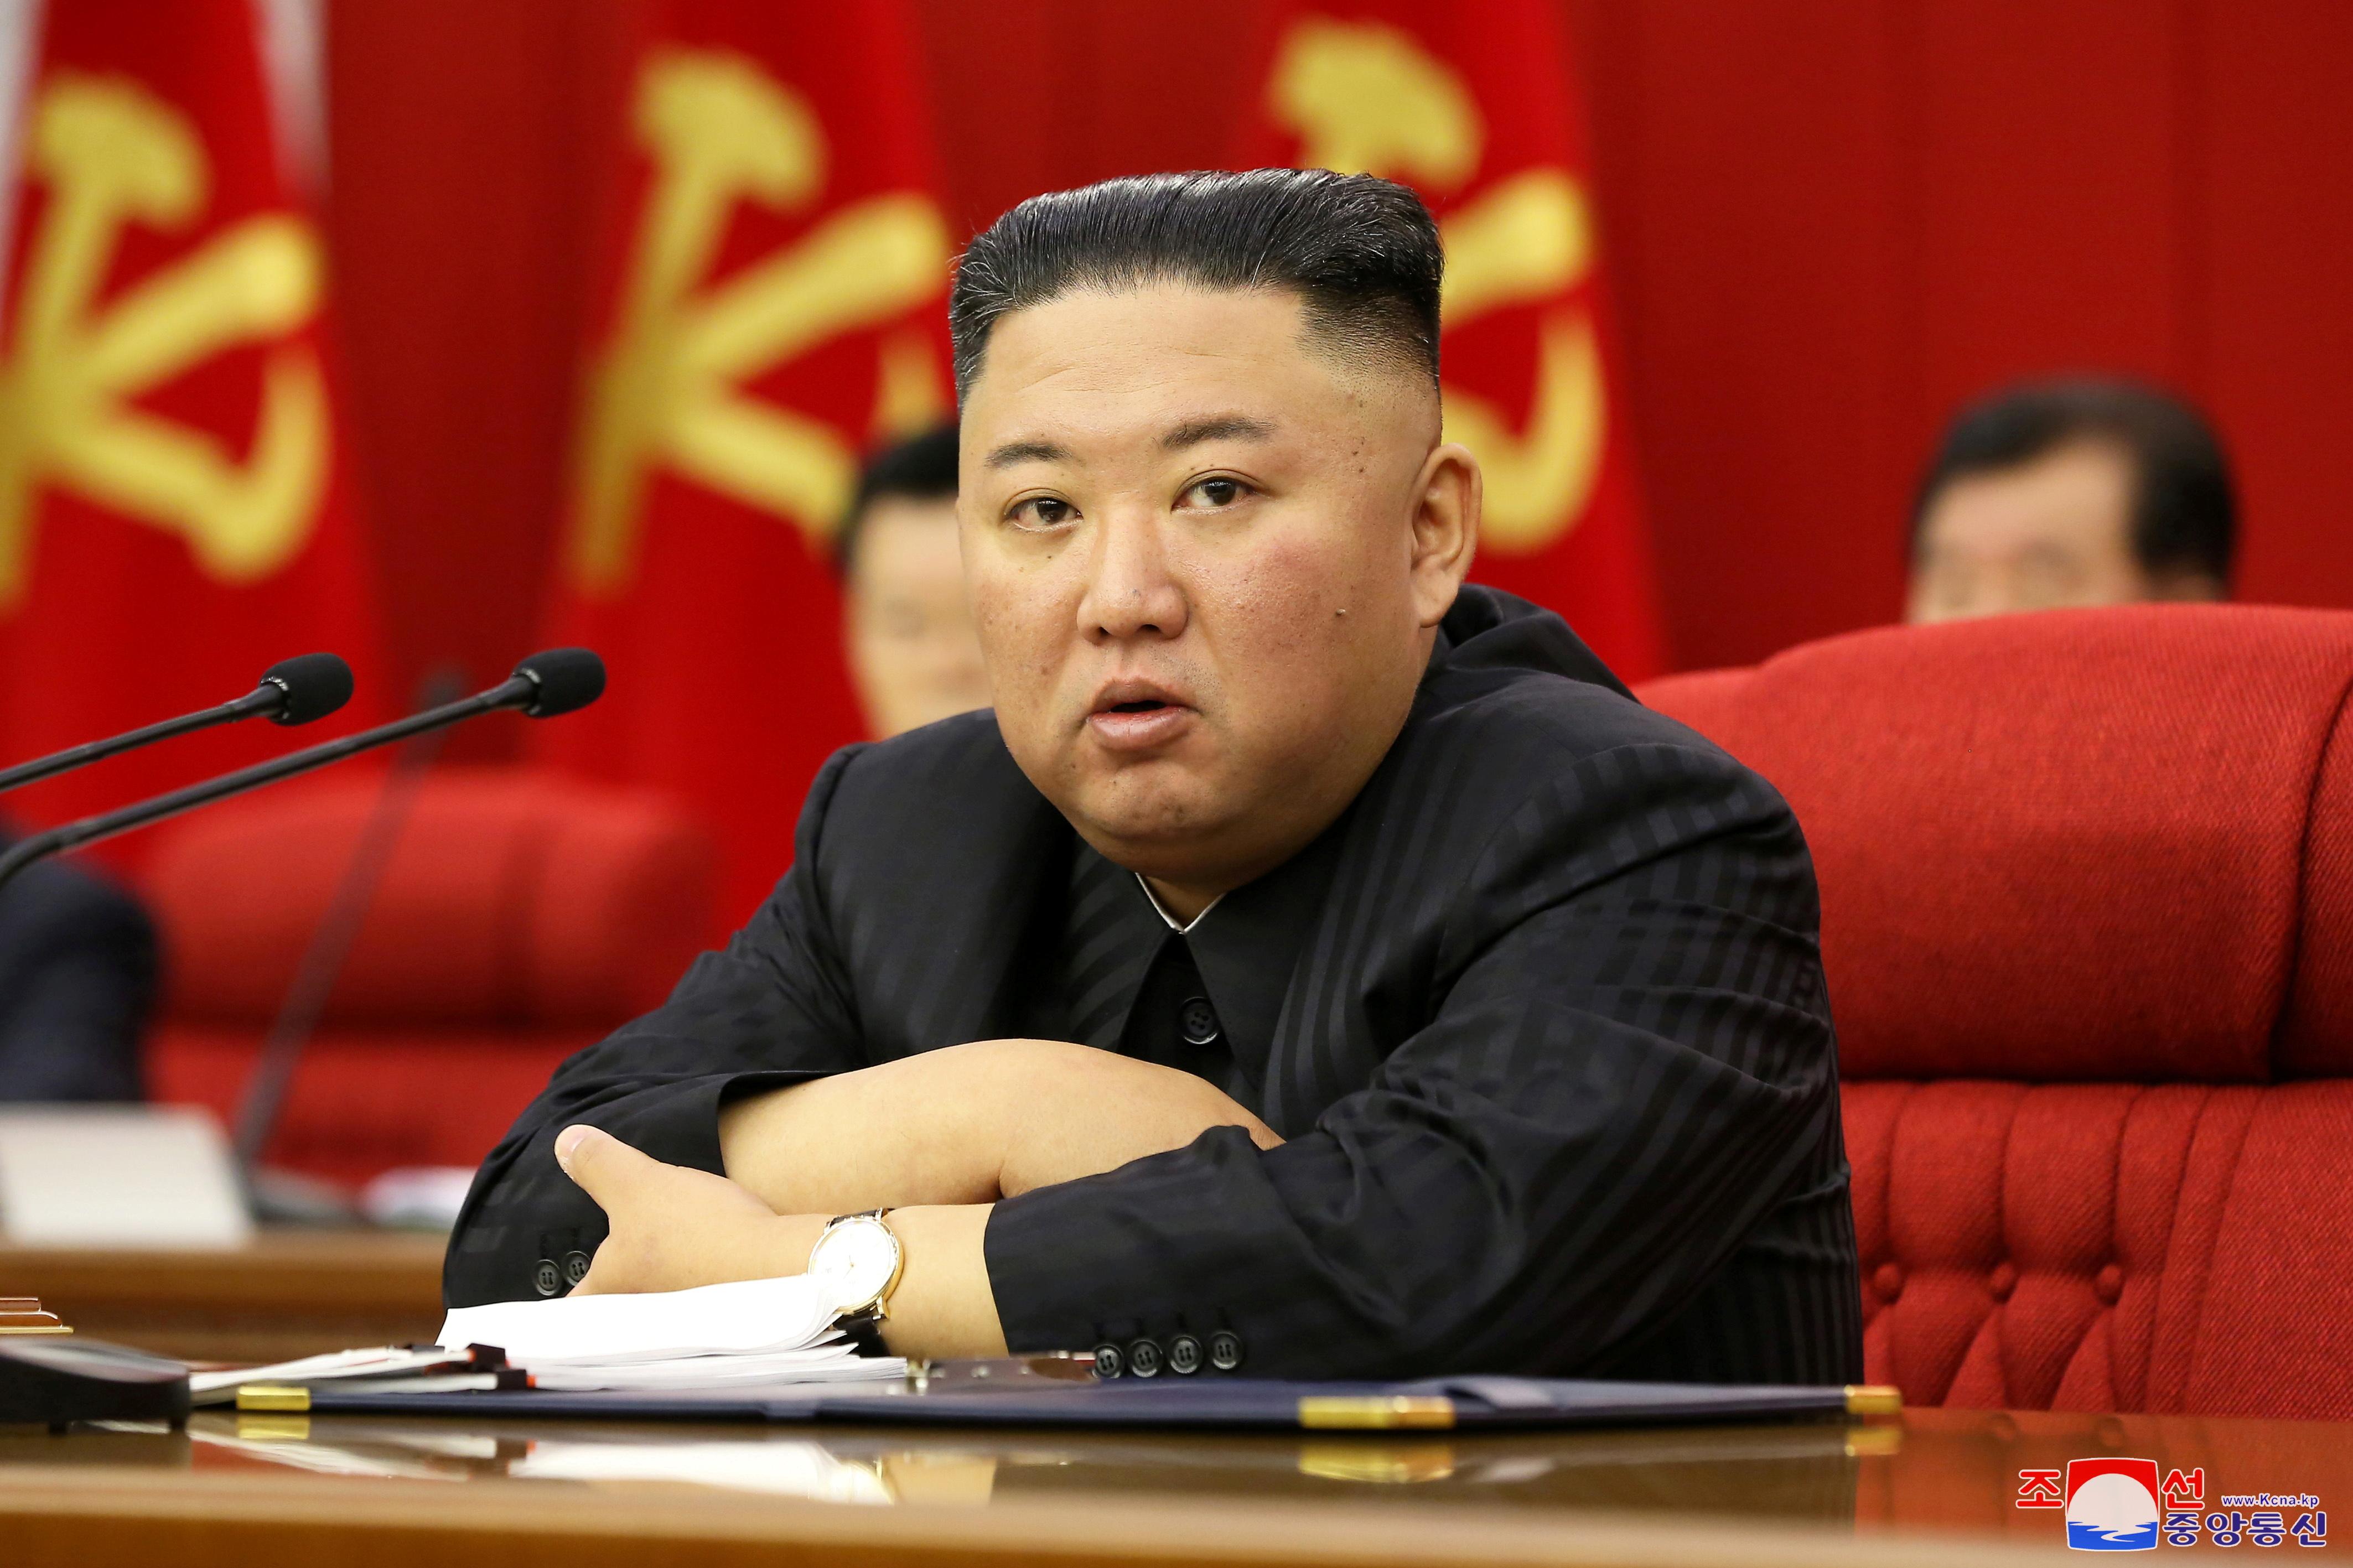 North Koreans 'Heartbroken' Over 'Emaciated' Kim Jong Un, State Media Reports